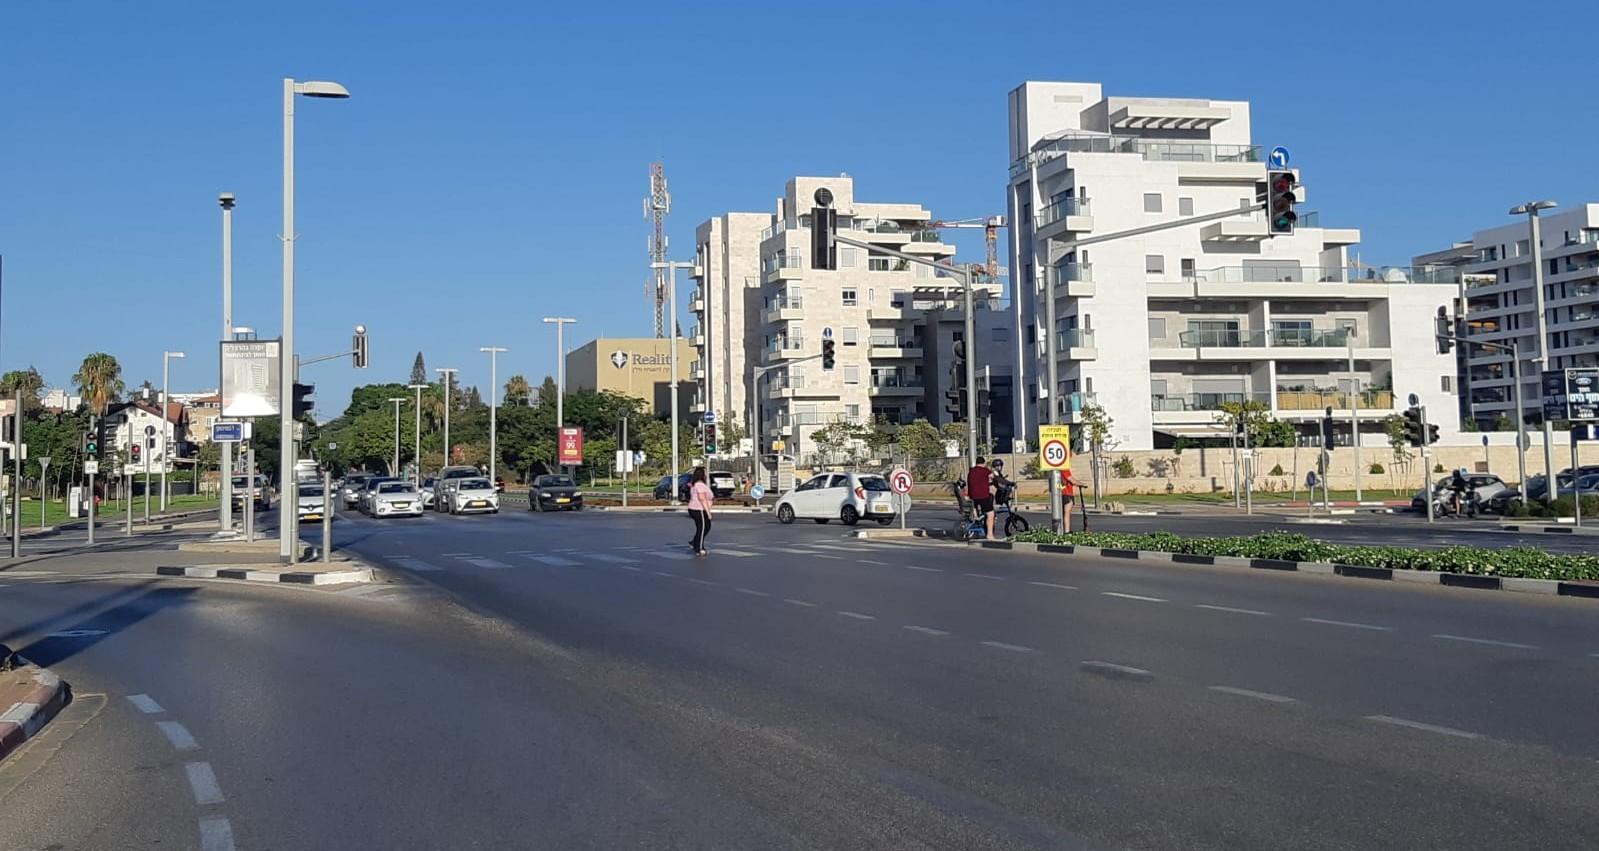 צומת הרב קוק זבוטינסקי הרצליה